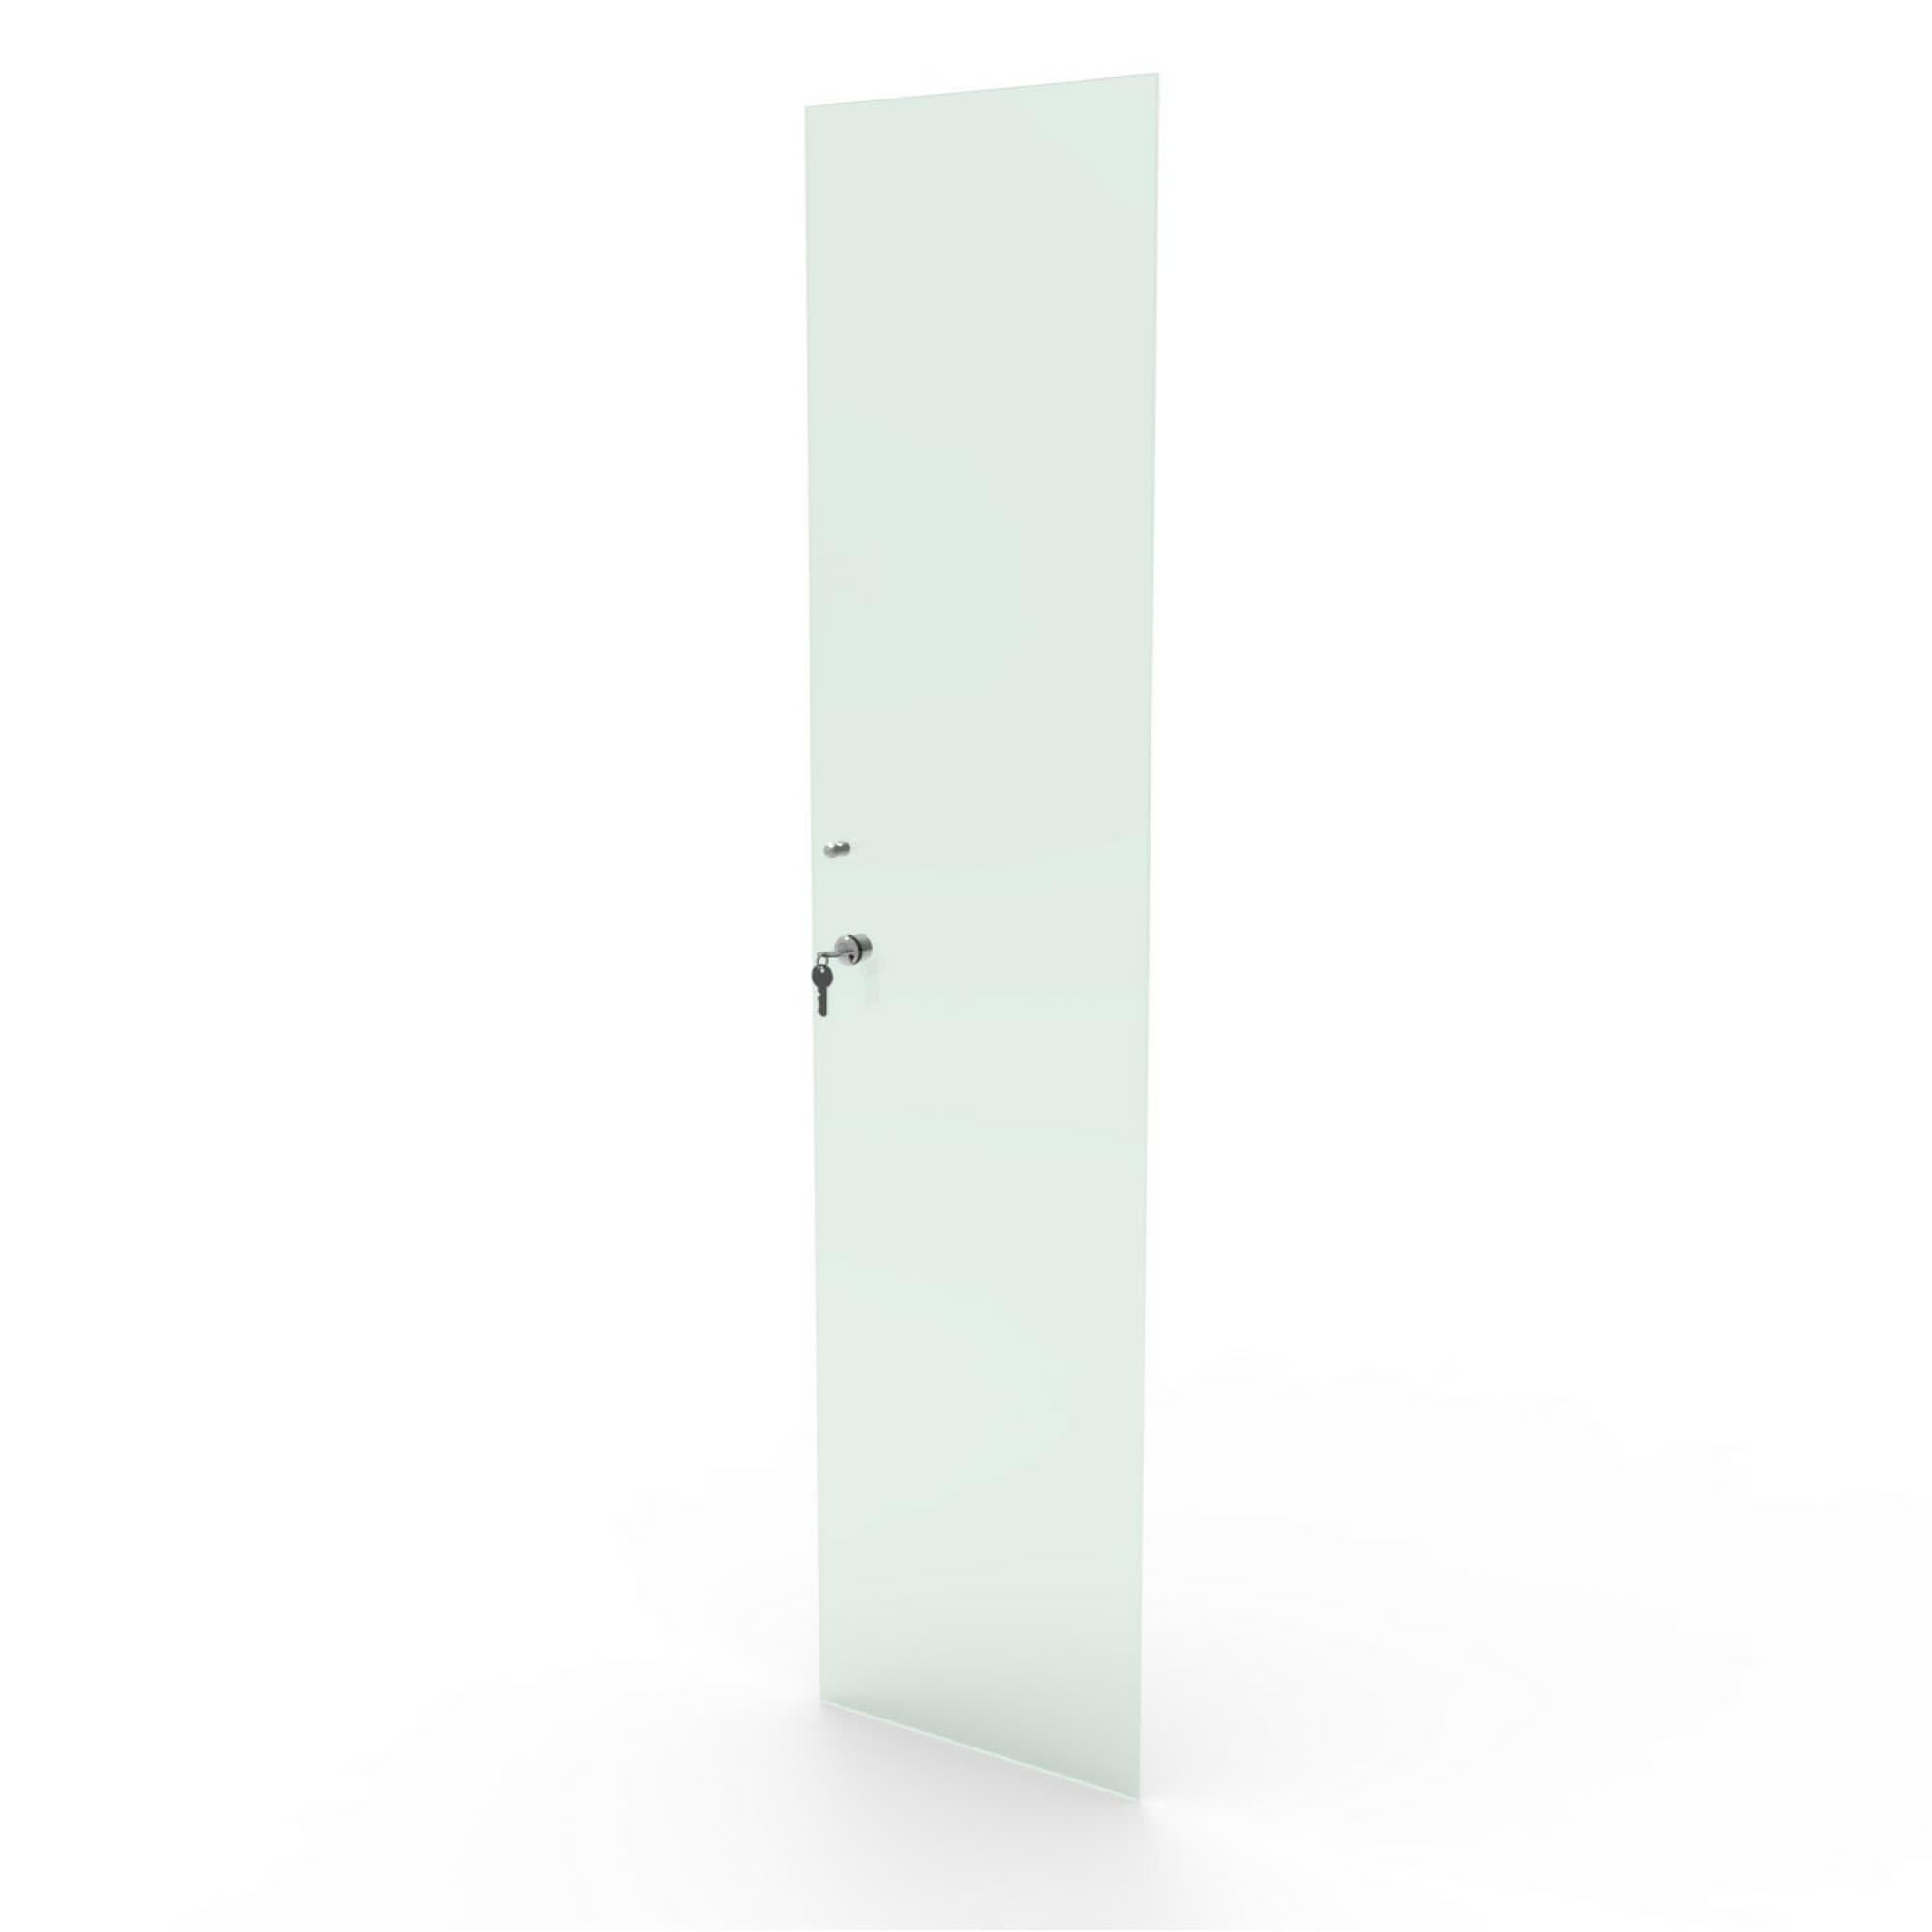 Porta de vidro incolor com chave para estantes das linhas CD e DV Bürohaus